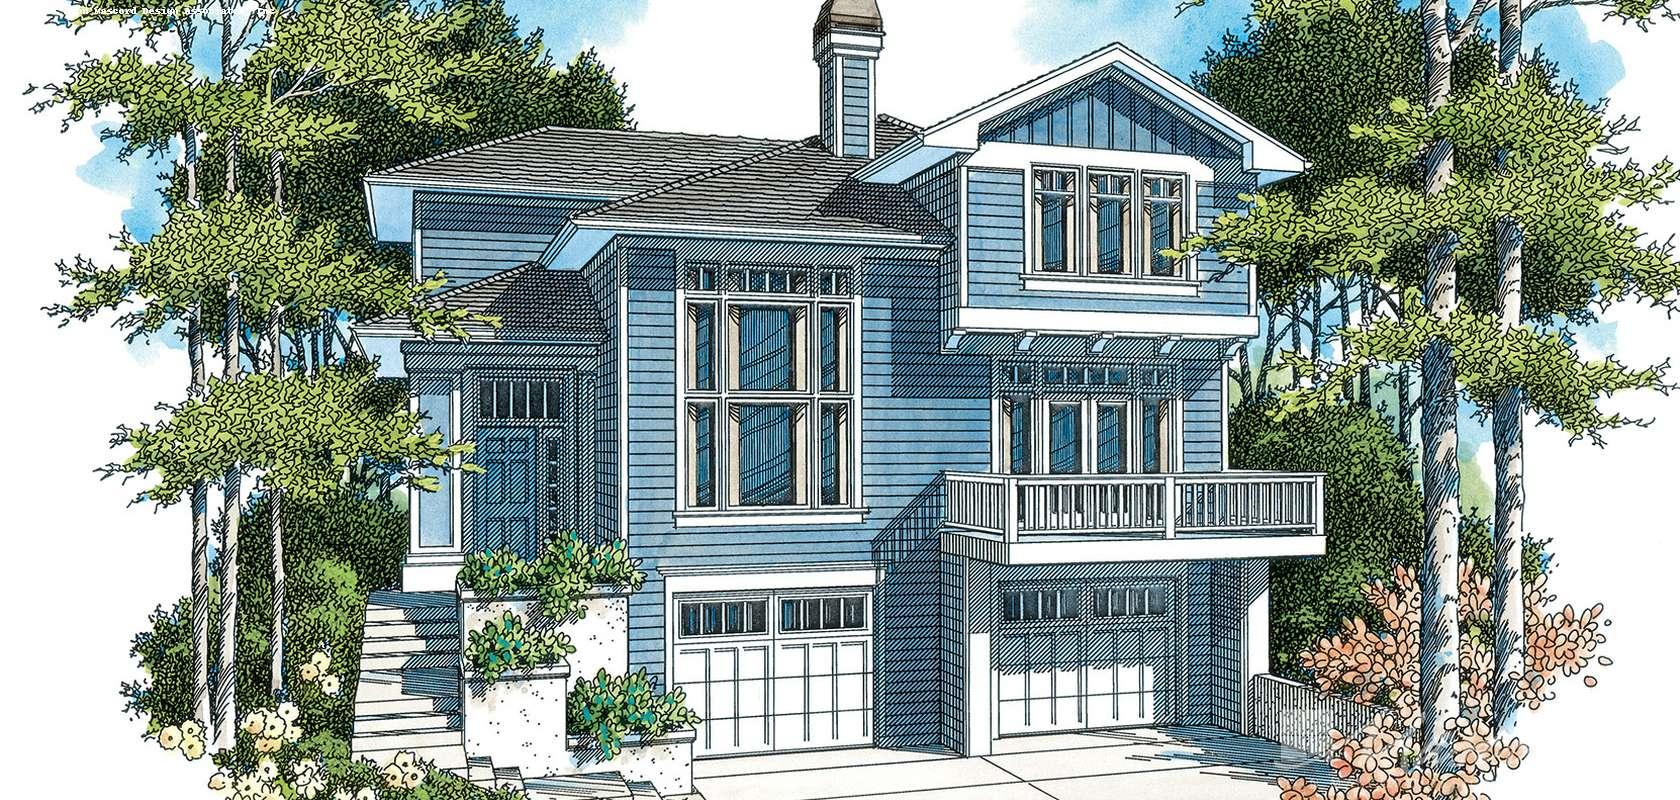 Mascord House Plan 2163BA: The Barton